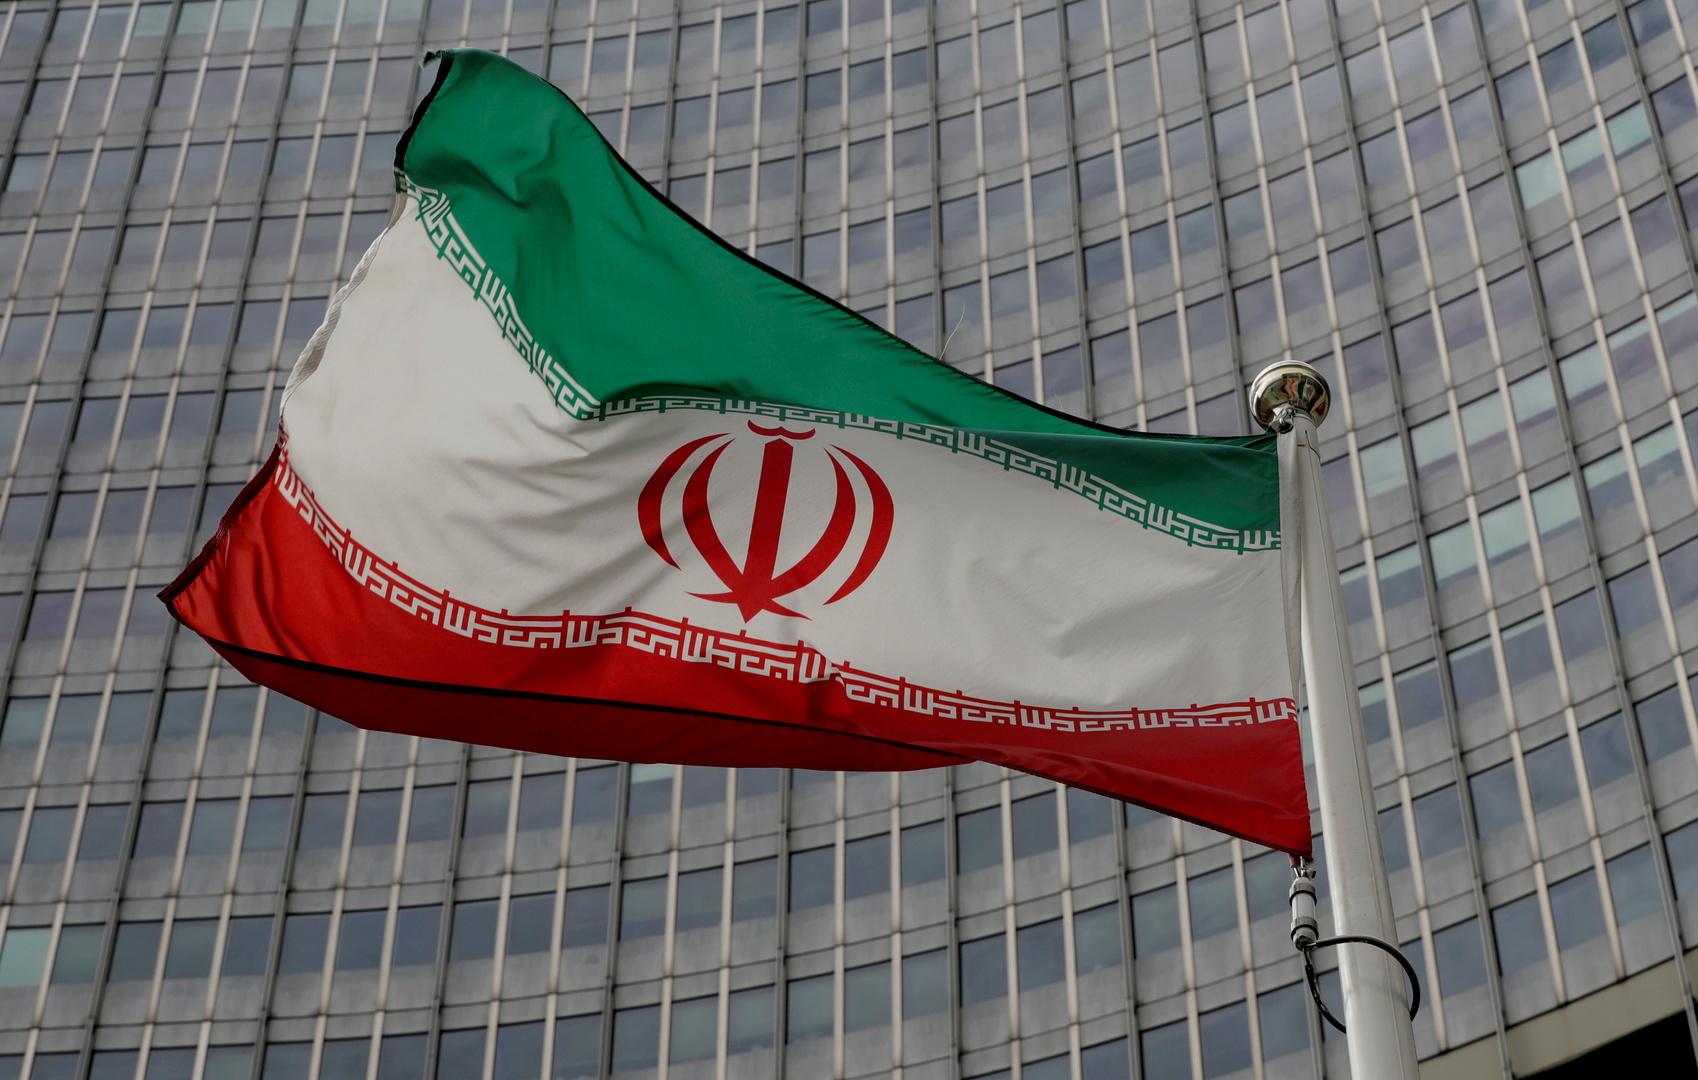 قاليباف: ثنائية الميدان العسكري والسياسي تتعارض مع المصالح الإيرانية